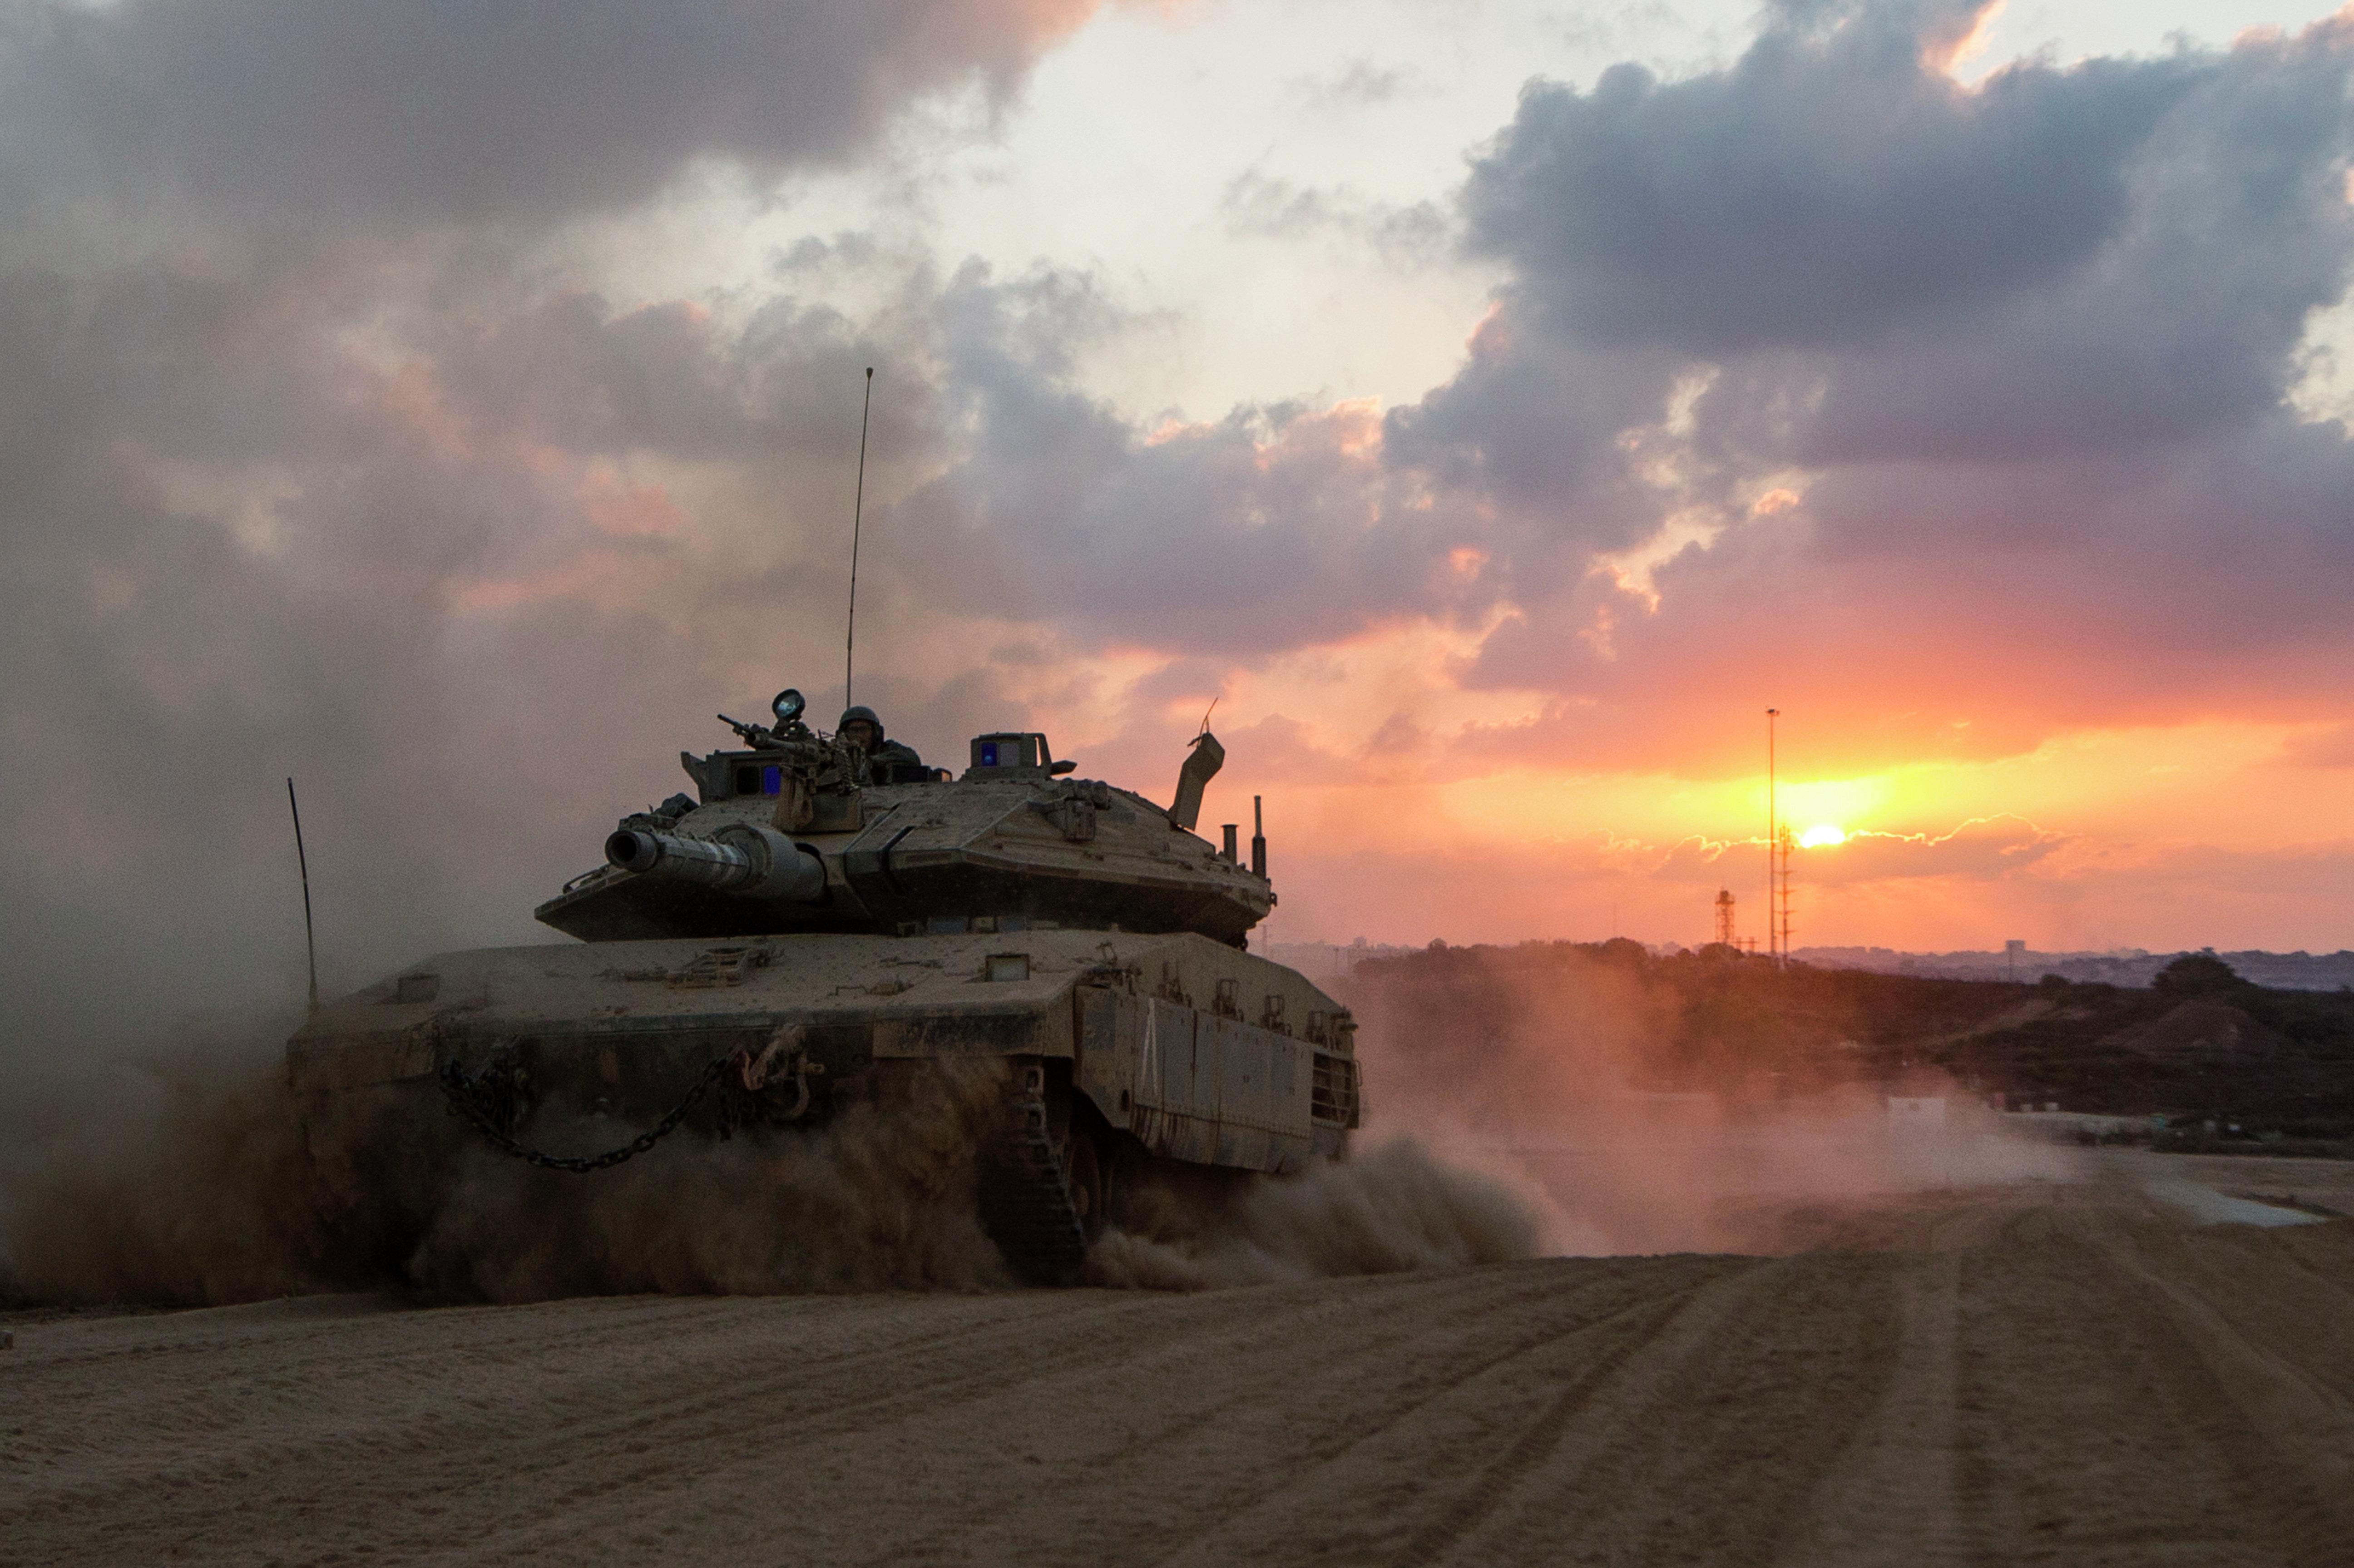 Merkava - el blindado de Israel puede competir con sus análogos ya que está dotado de uno de los mejores sistemas de protección.